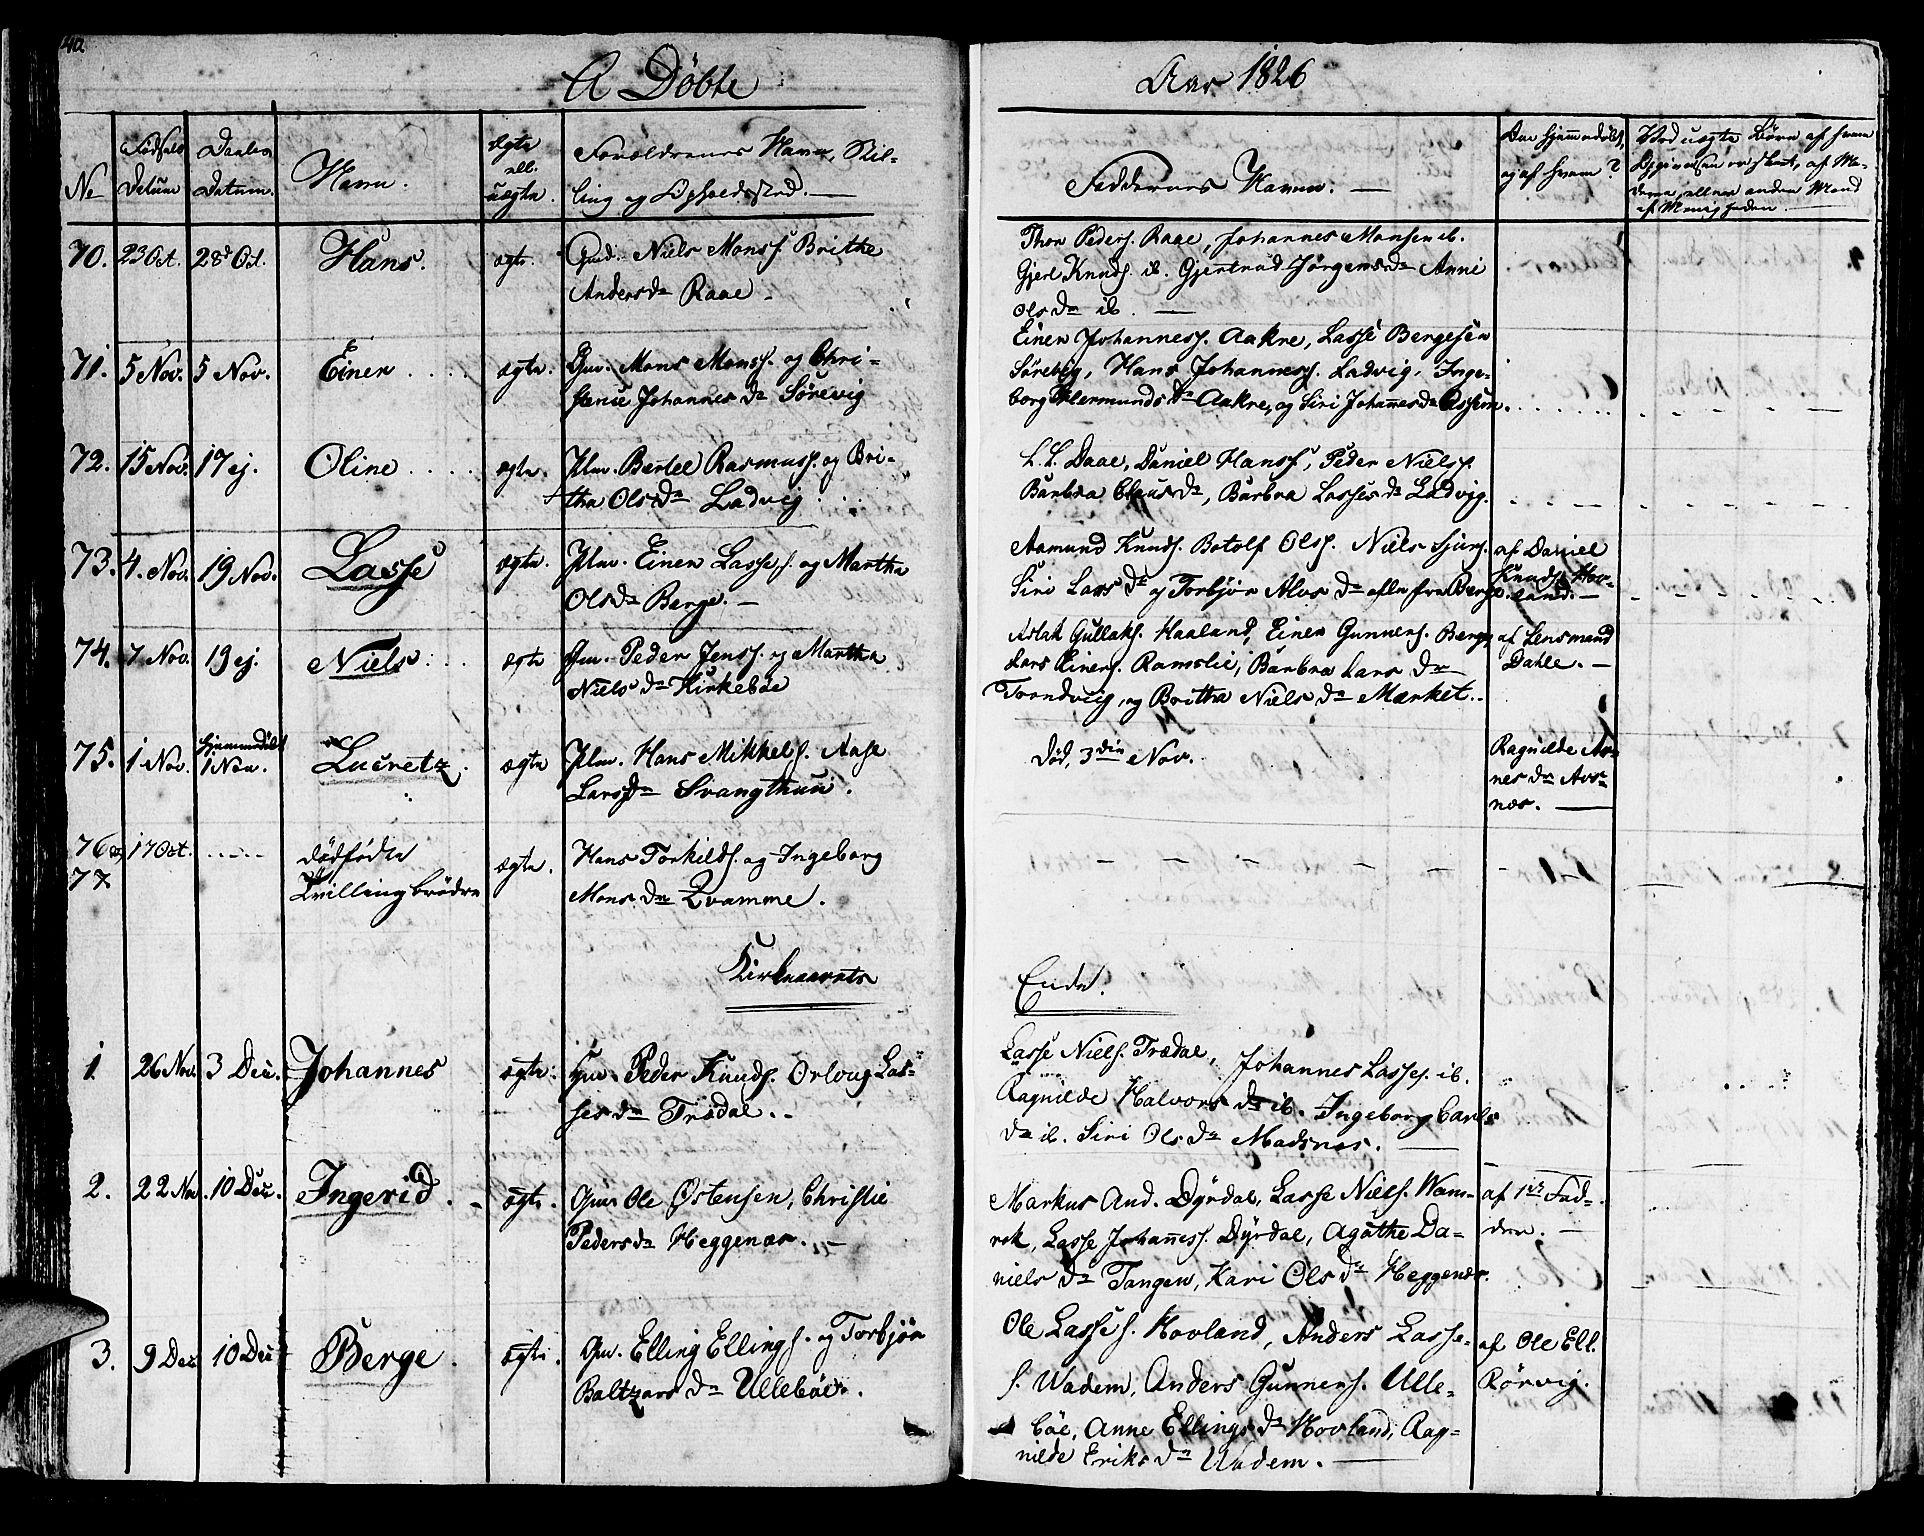 SAB, Lavik sokneprestembete, Ministerialbok nr. A 2I, 1821-1842, s. 40